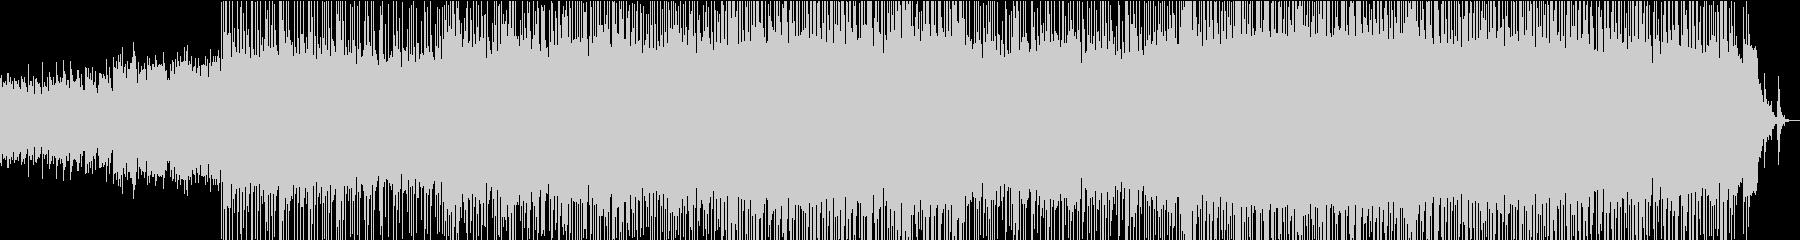 ミドルテンポのアコースティックなロックの未再生の波形